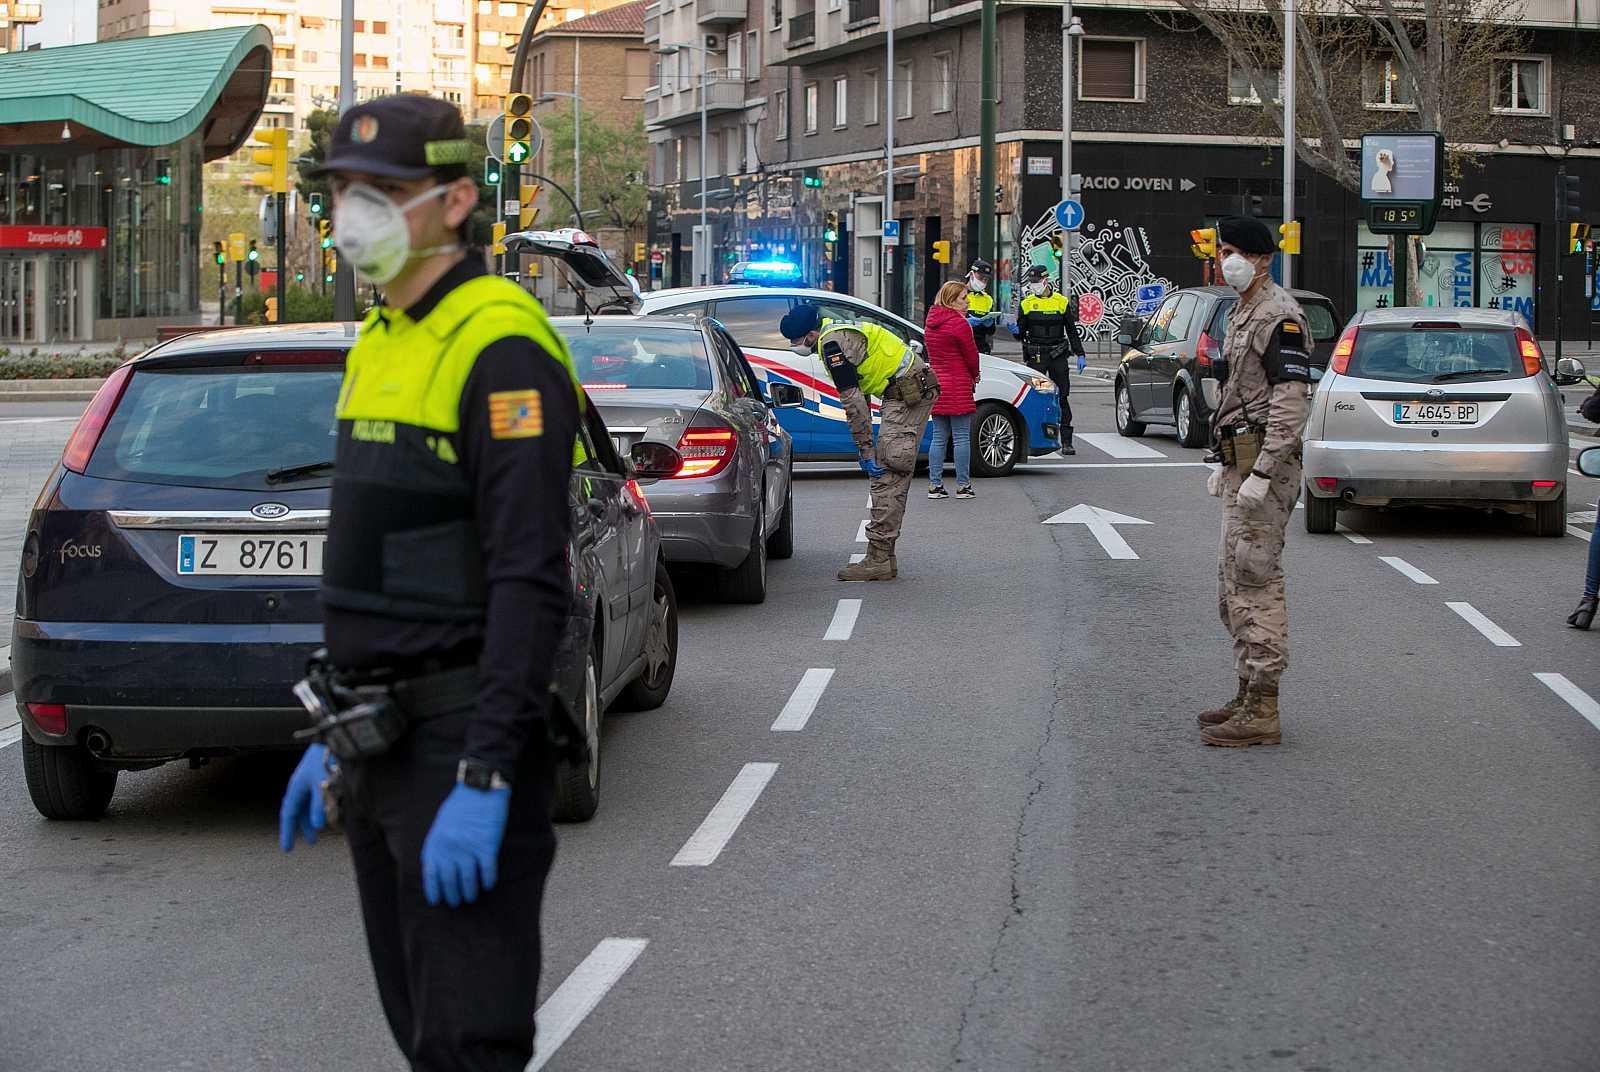 Agentes de la Policía Local ayudados por personal militar controlan la circulación de vehículos por una avenida zaragozana en una jornada marcada por las medidas del estado de alarma a causa del coronavirus.